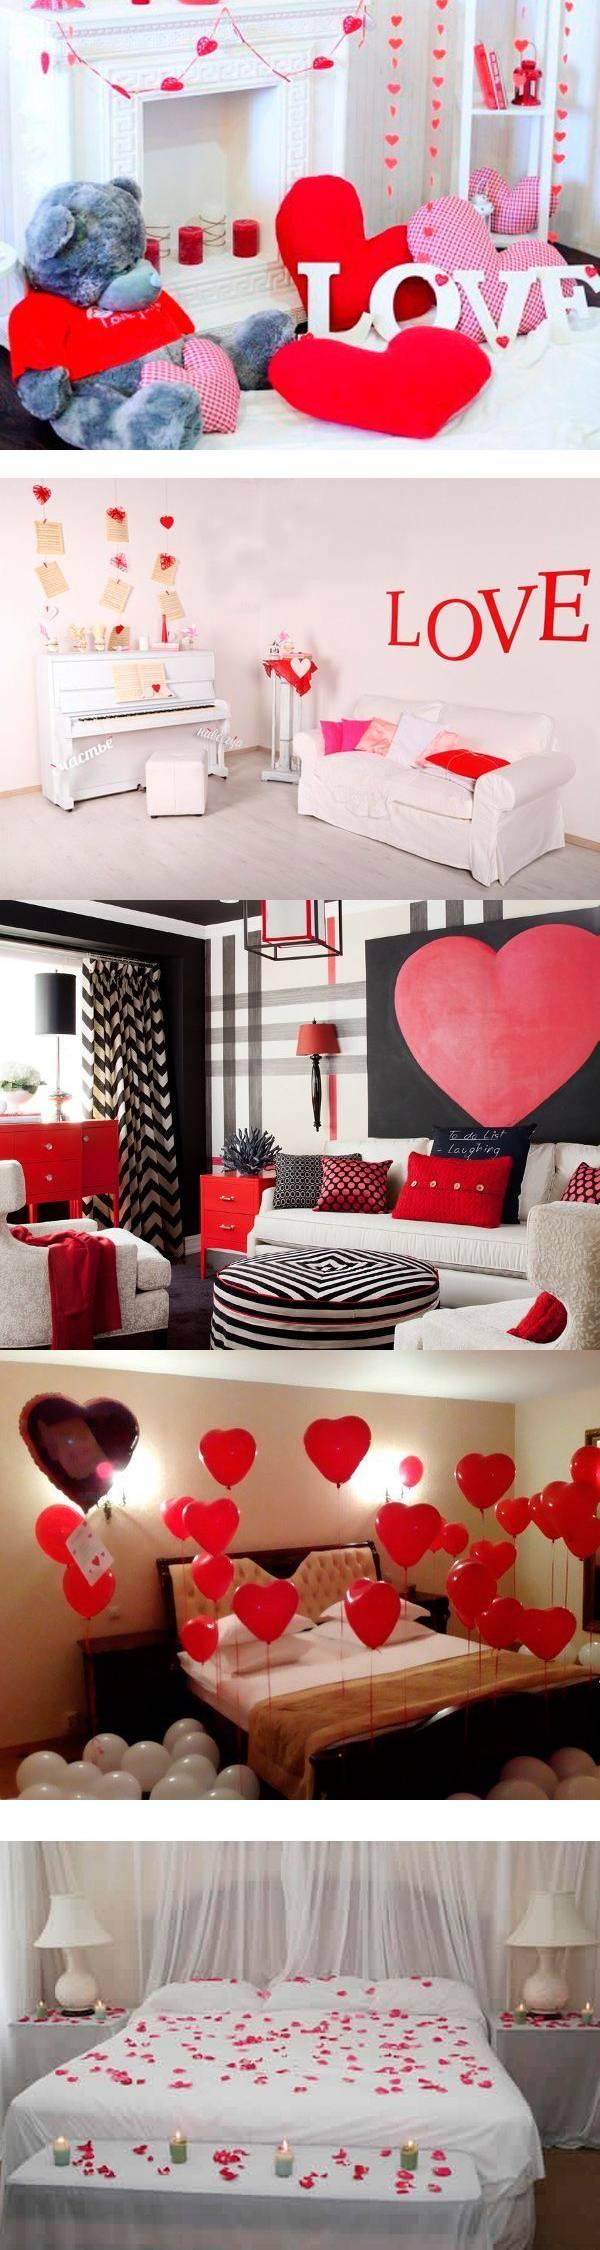 26 вариантов оформления интерьера на День Валентина